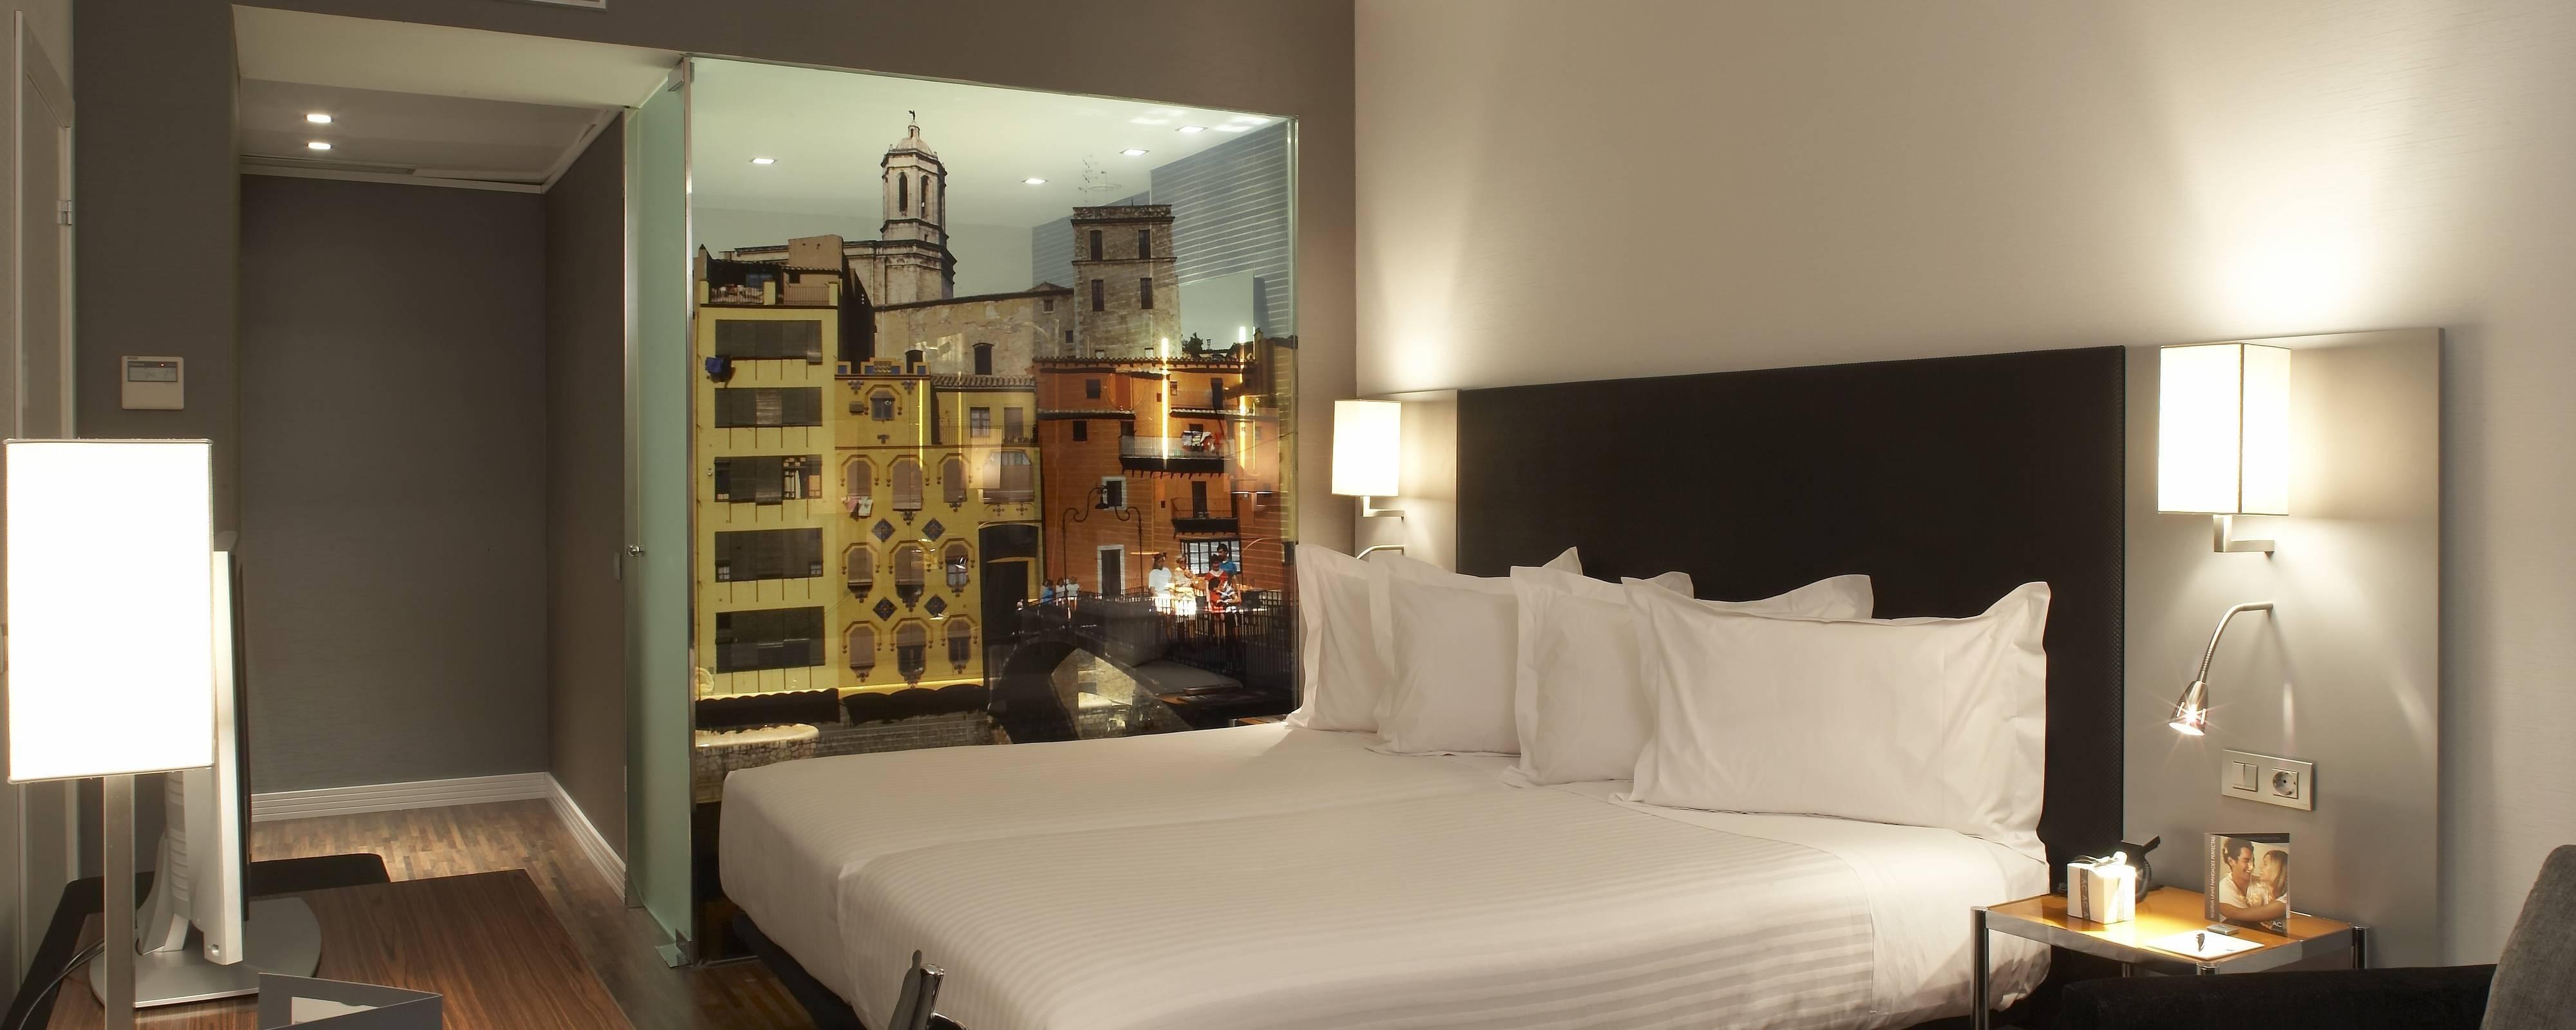 Habitaciones de hotel Gerona